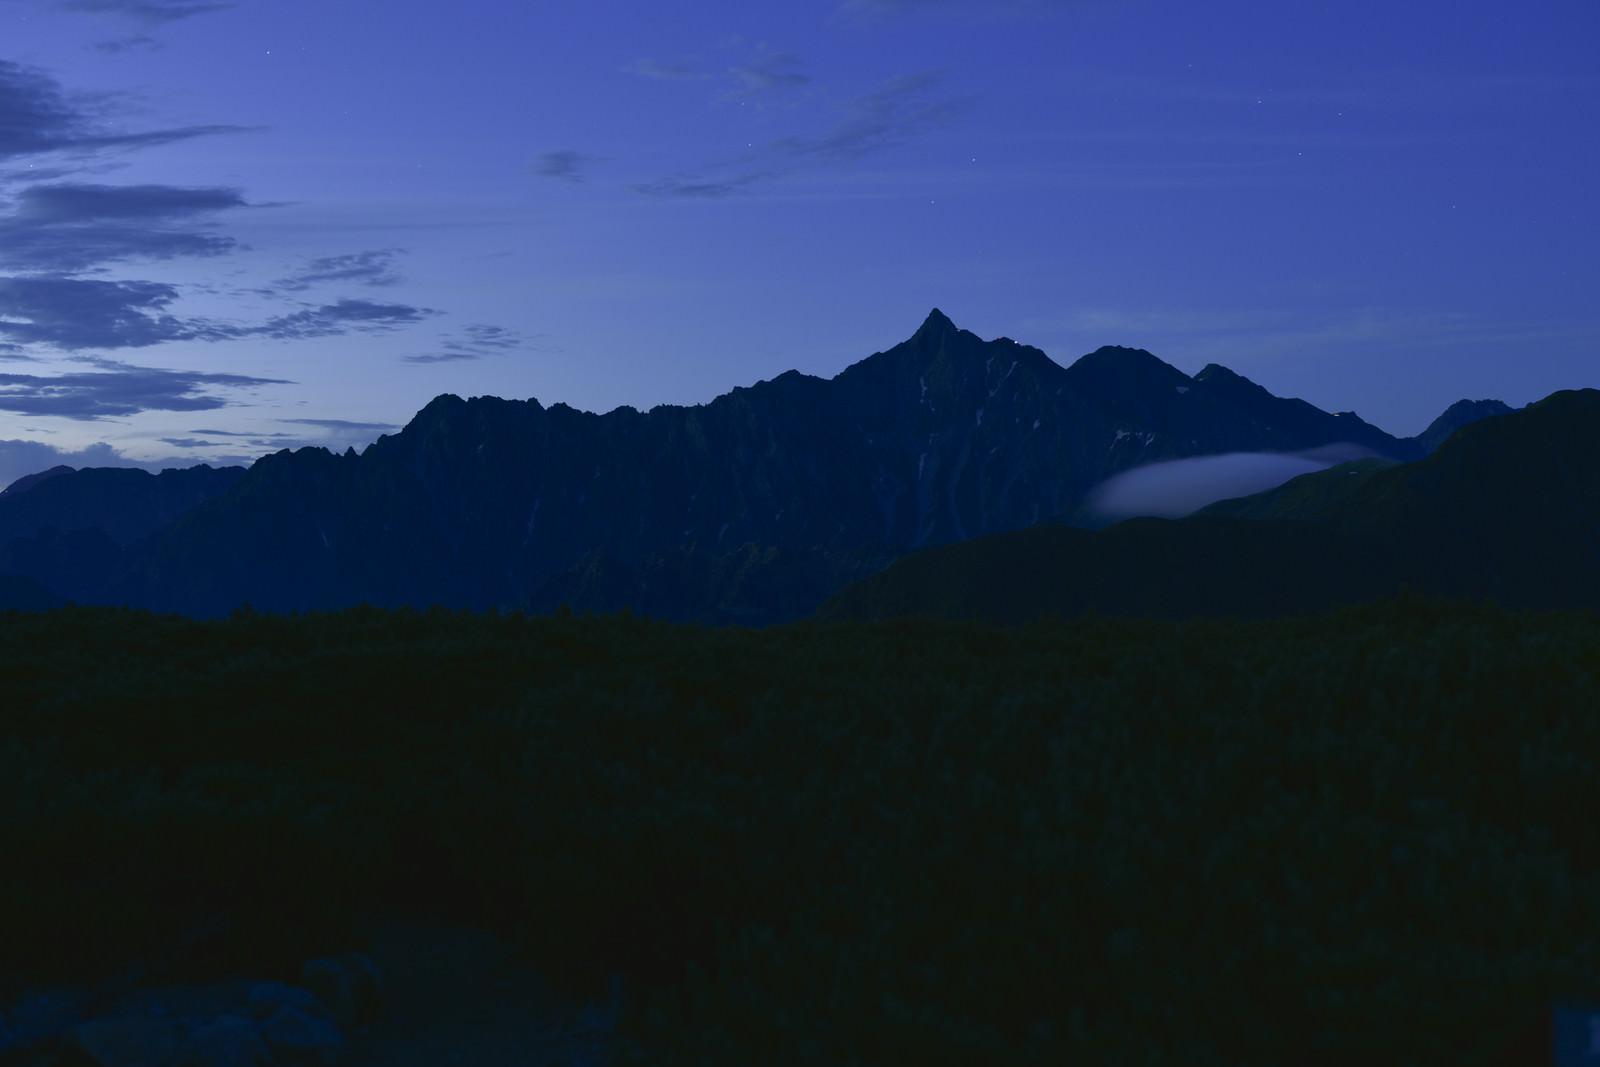 「夜明けにシルエットが浮かび上がる槍ヶ岳(鷲羽岳)」の写真